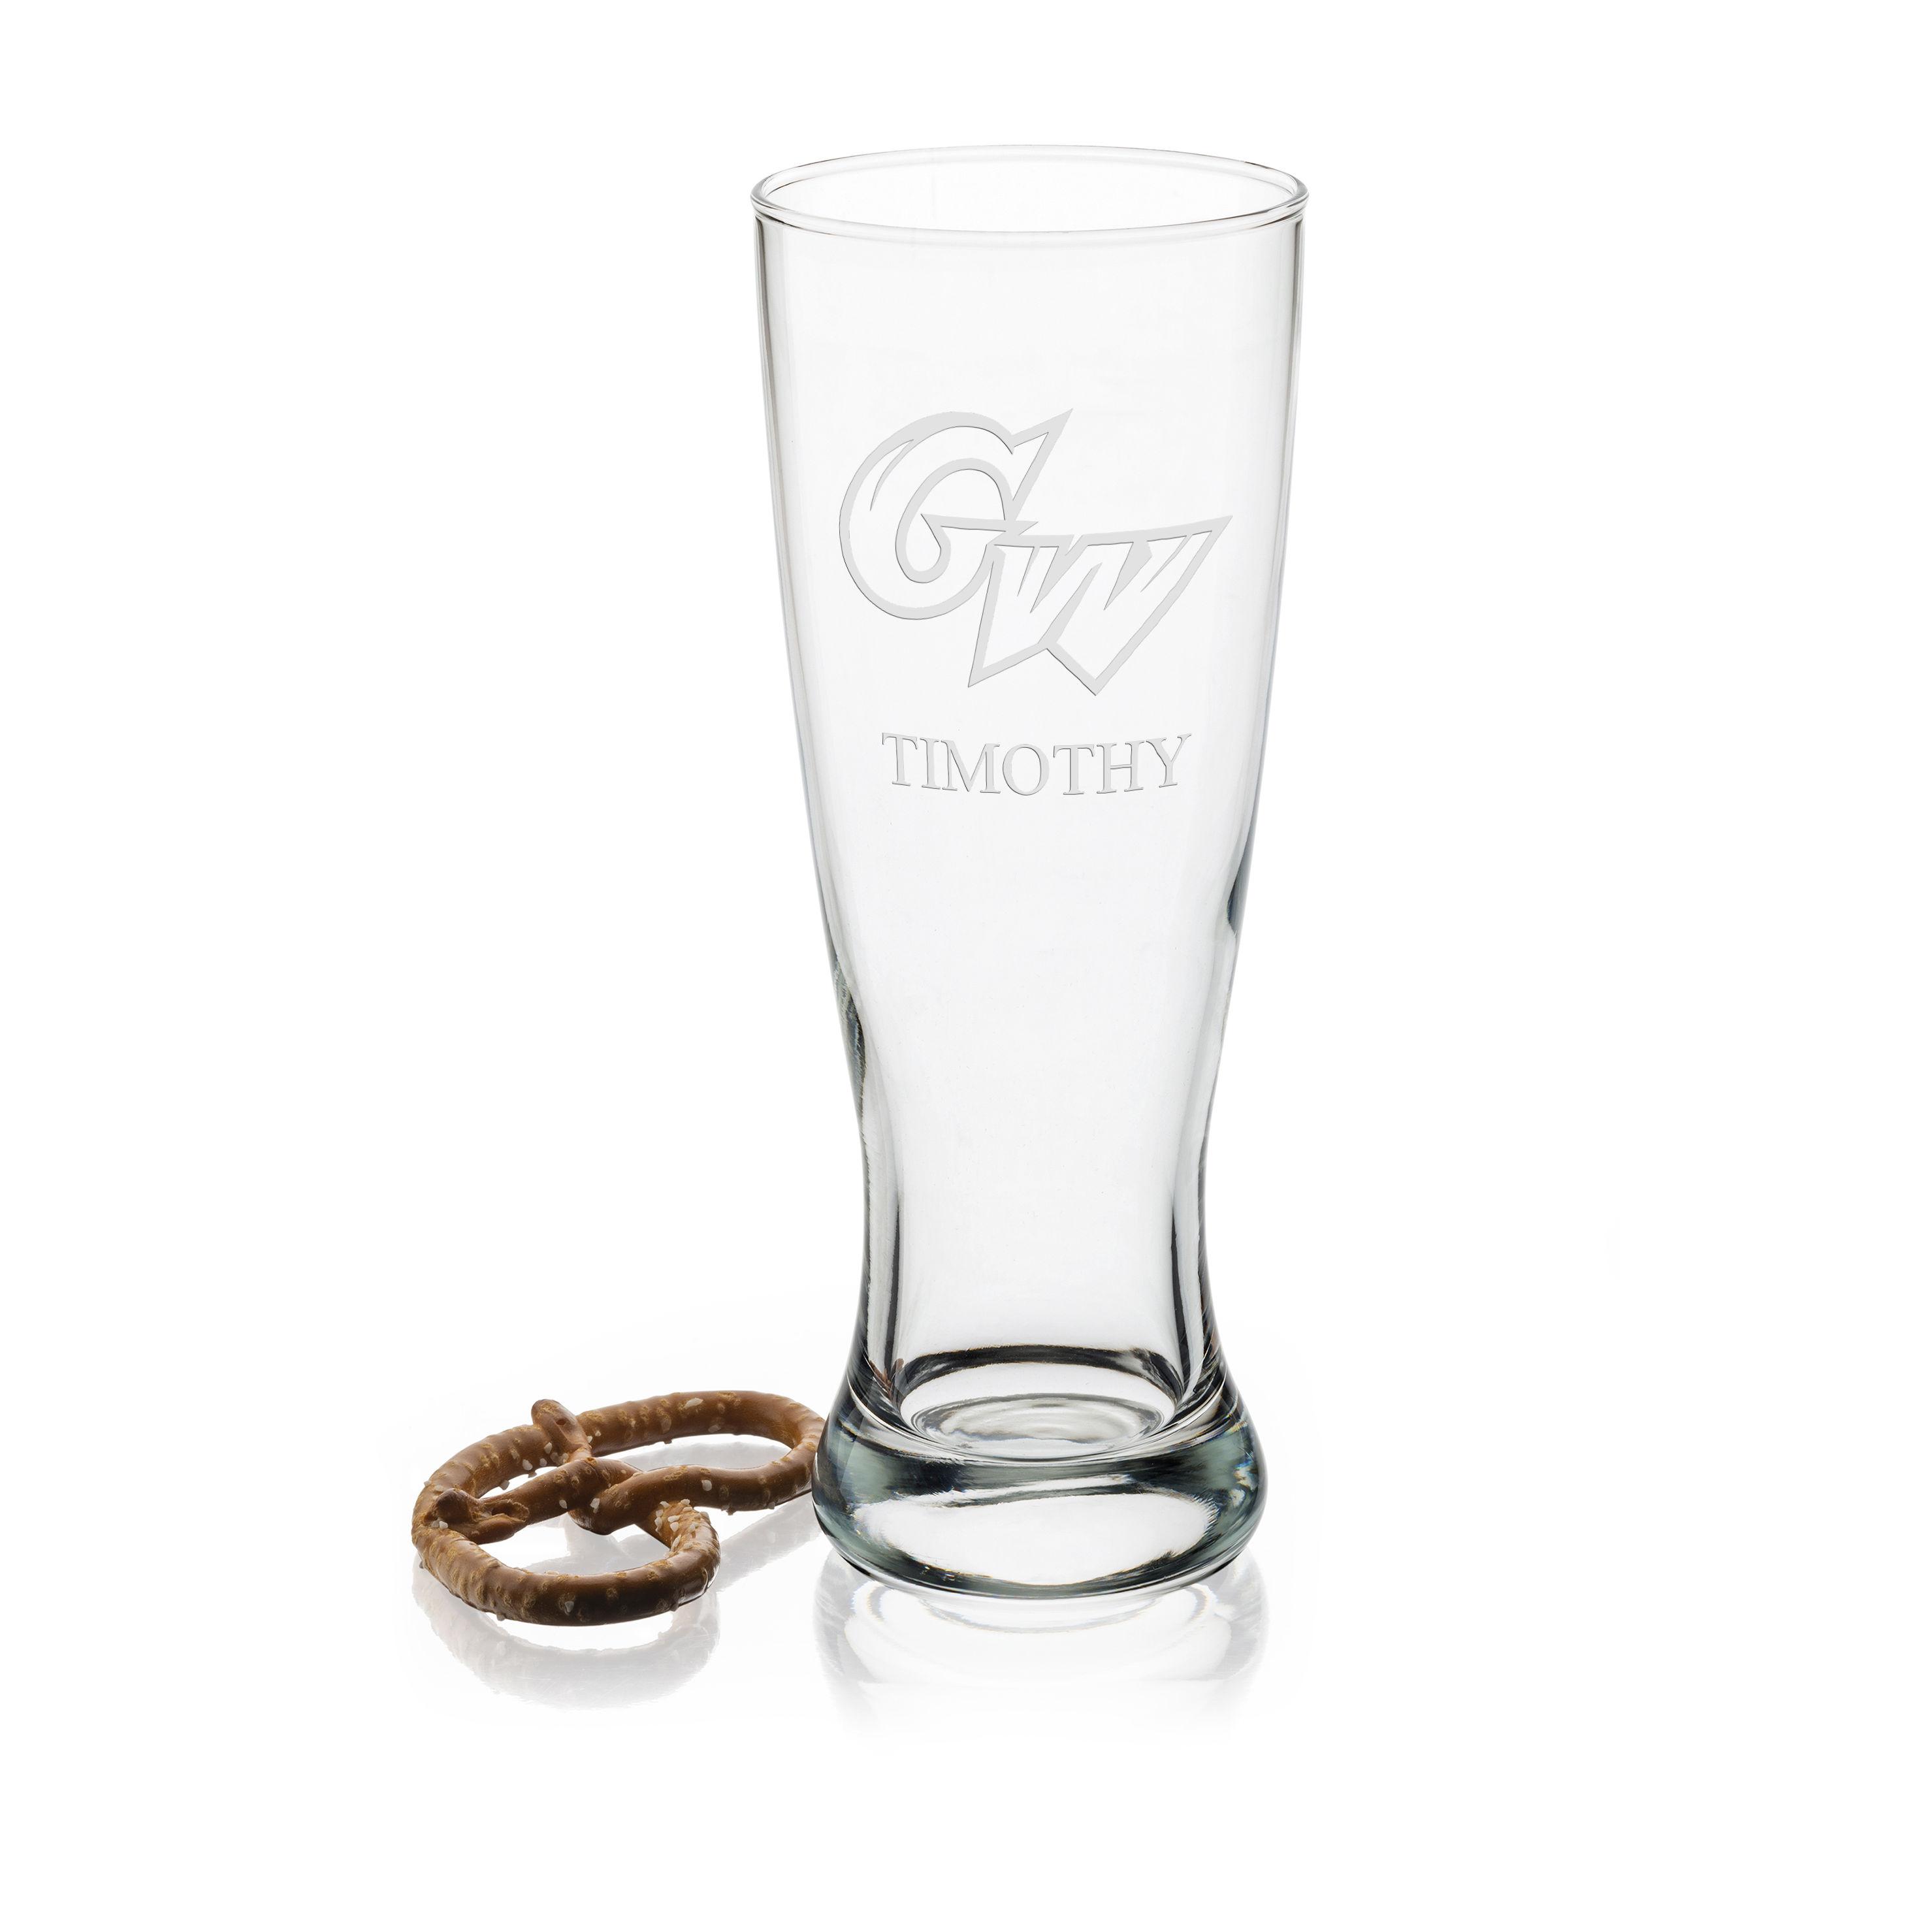 George Washington 20oz Pilsner Glasses - Set of 2